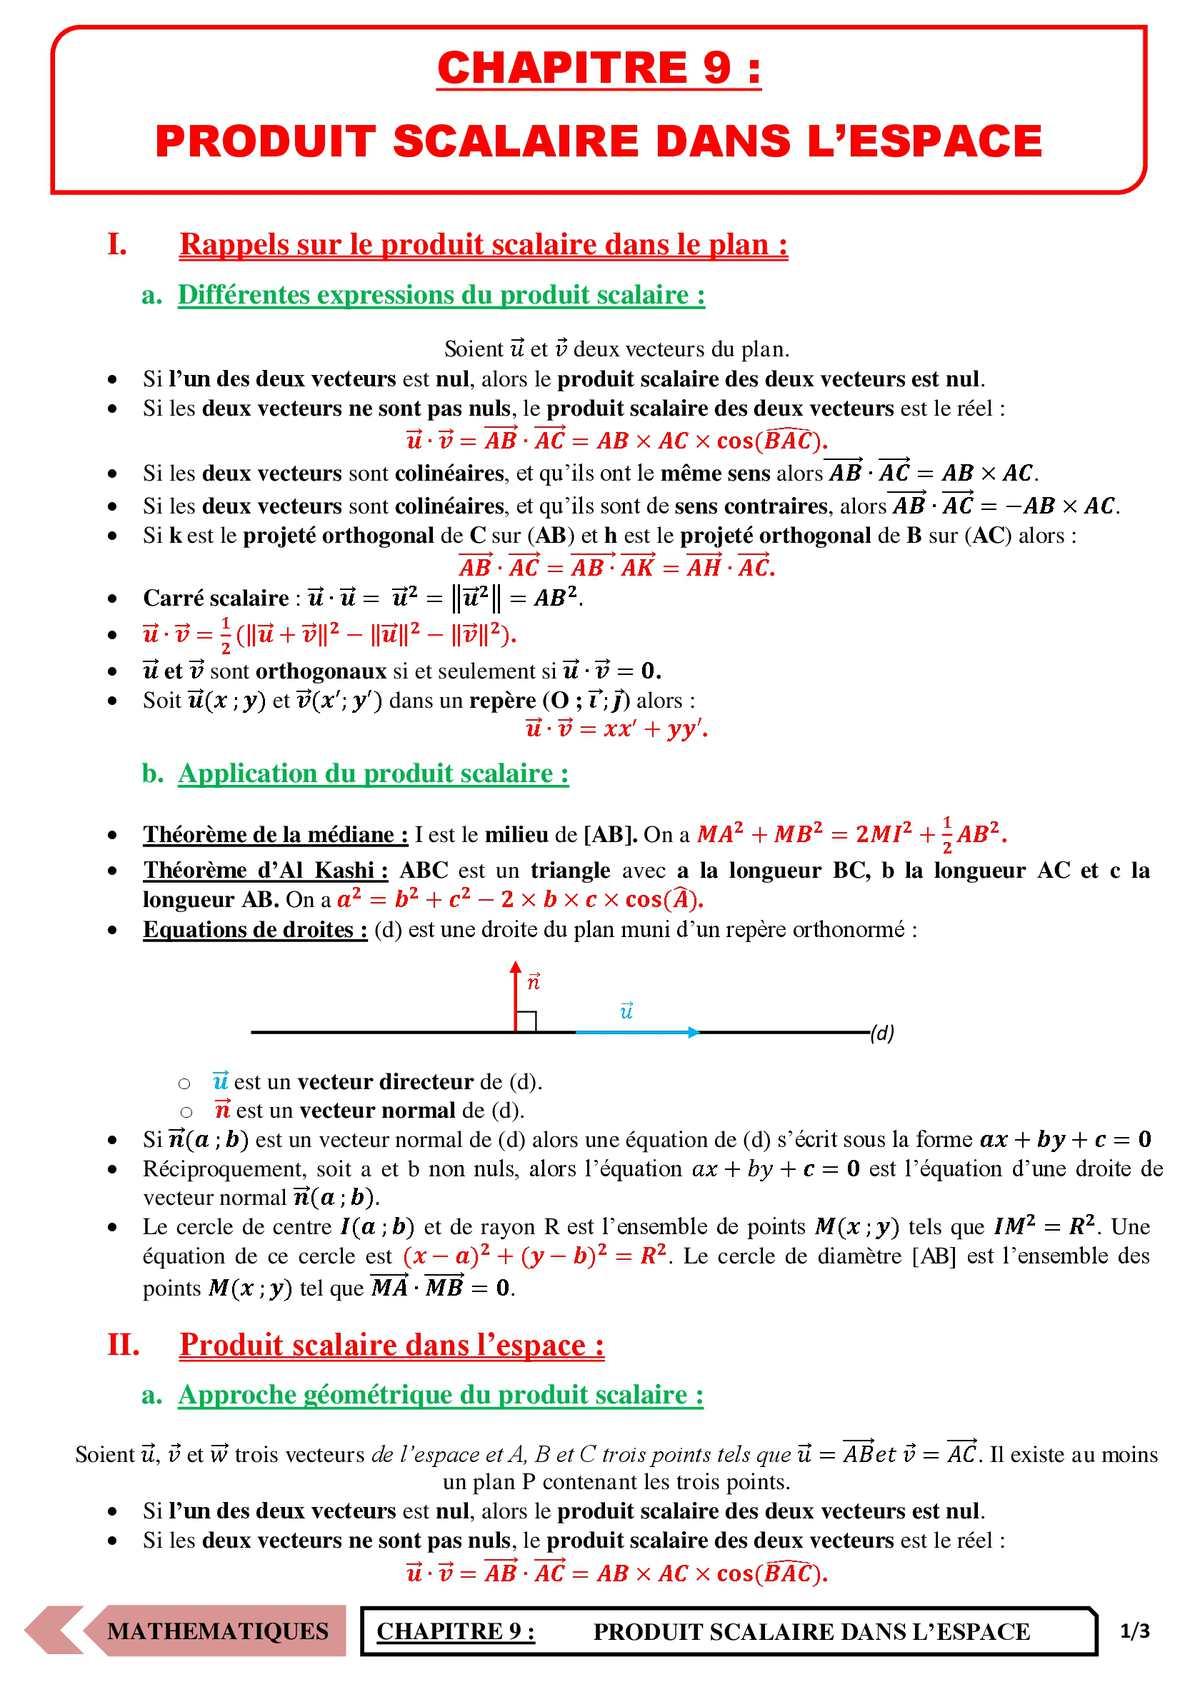 TS - MATHS - Chapitre 9 | JéSky.fr